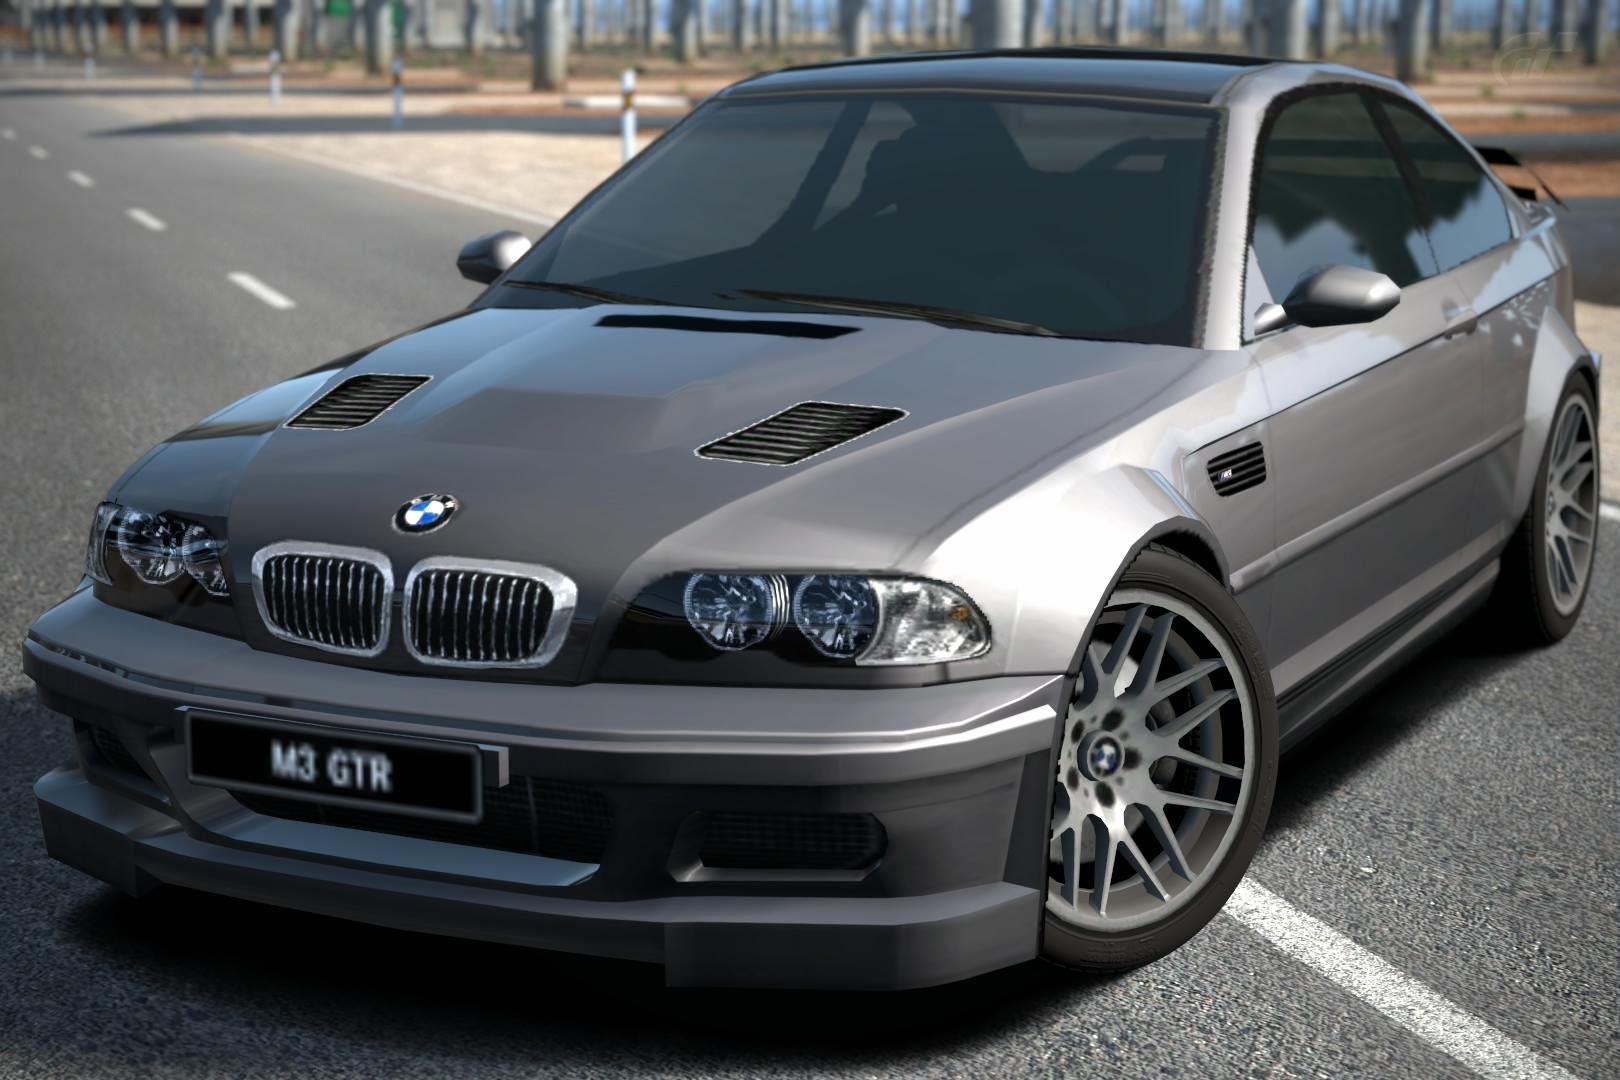 Bmw M3 Gtr 03 Gran Turismo Wiki Fandom